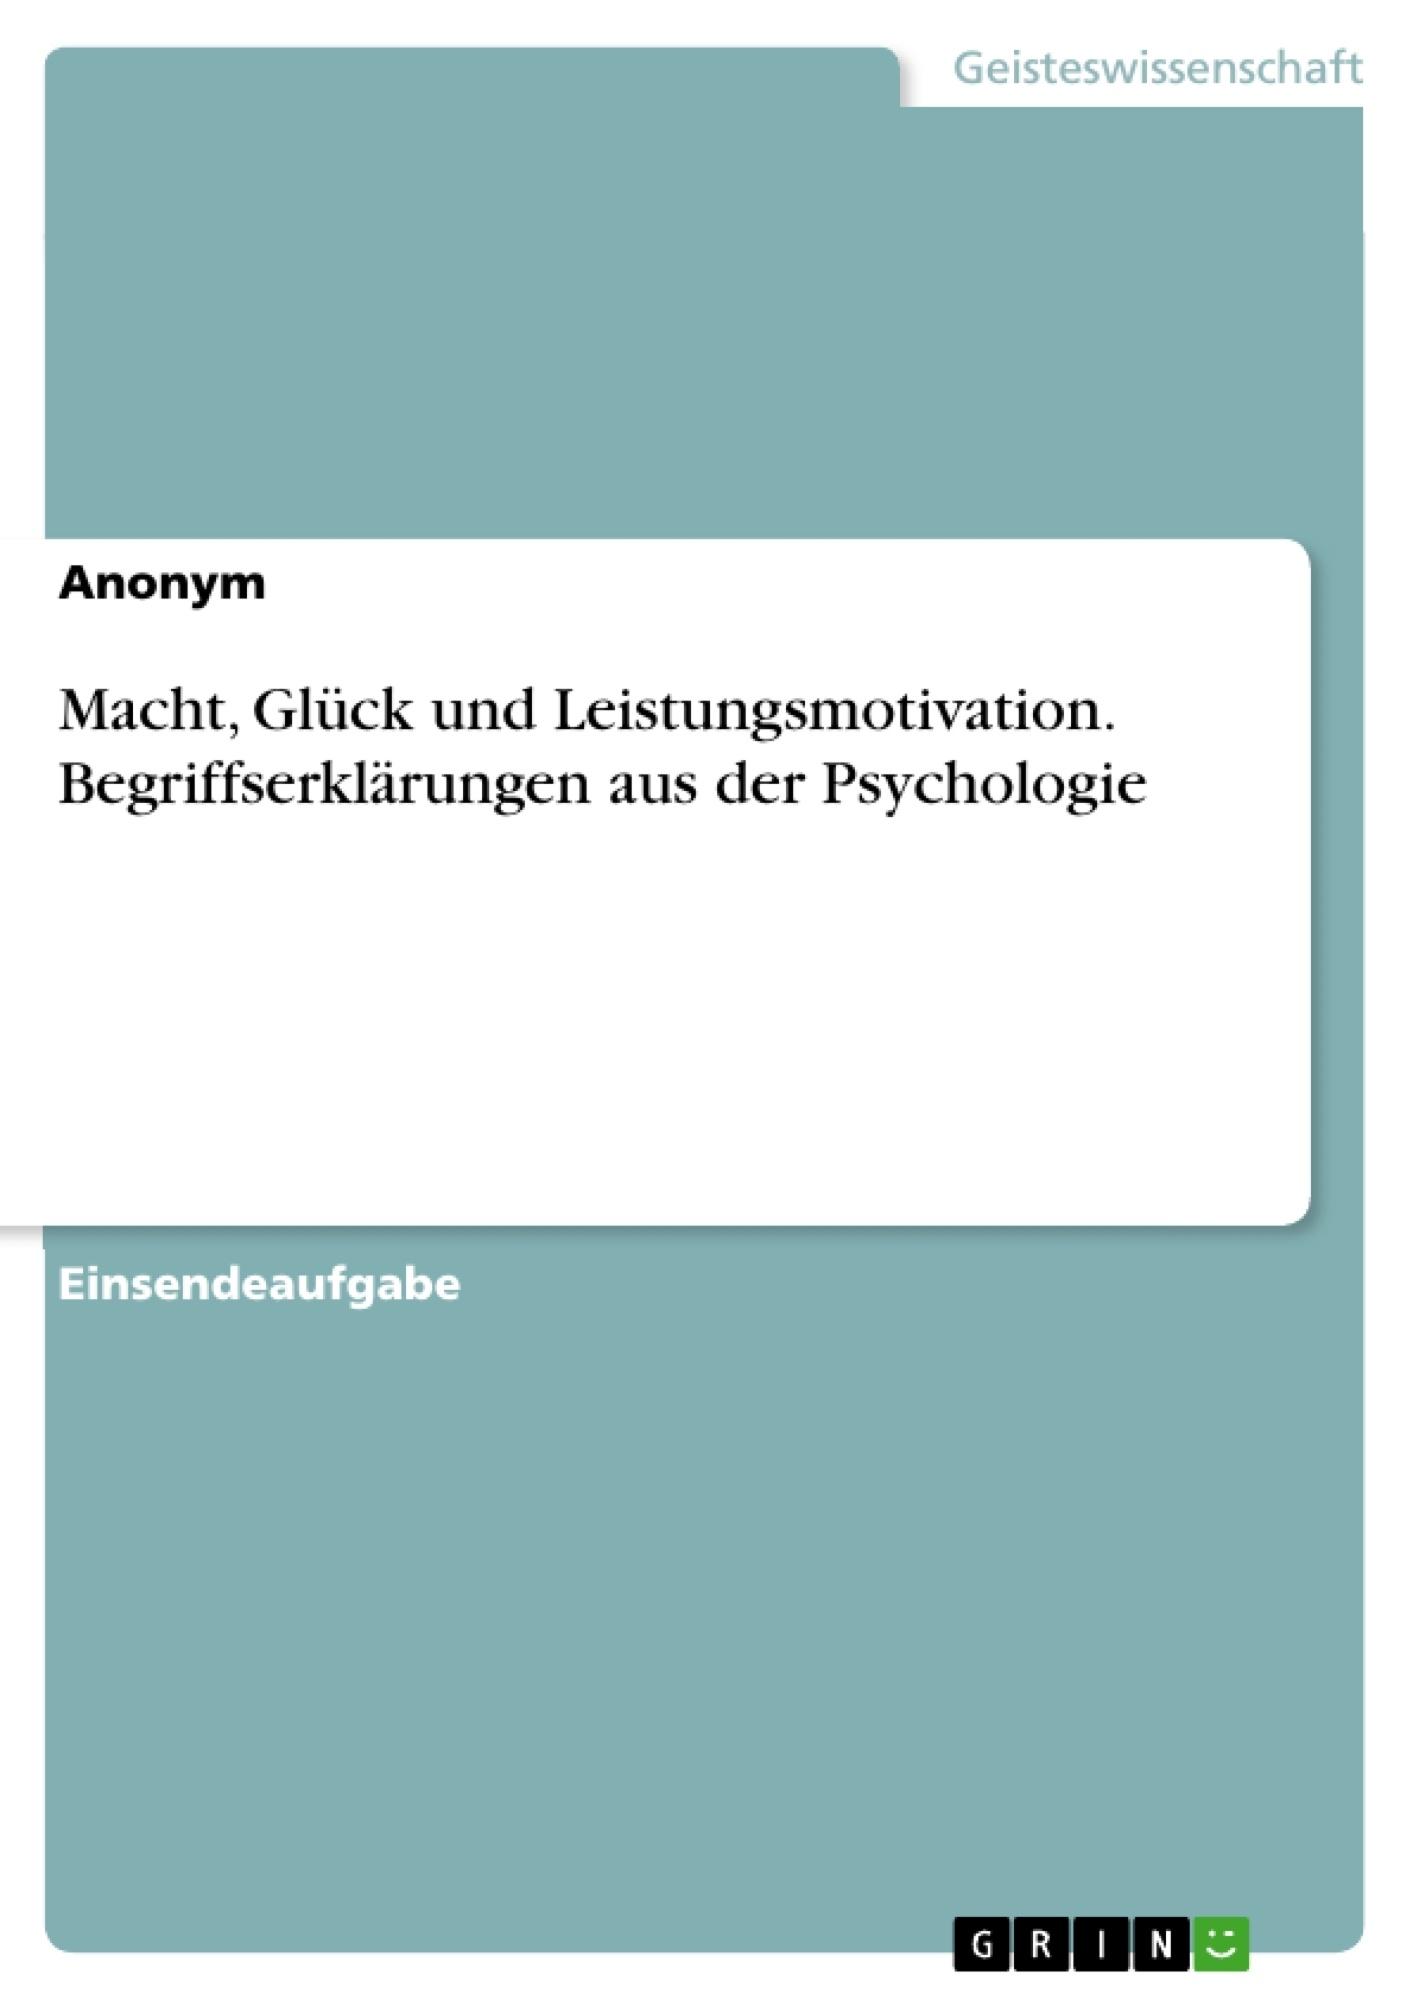 Titel: Macht, Glück und Leistungsmotivation. Begriffserklärungen aus der Psychologie